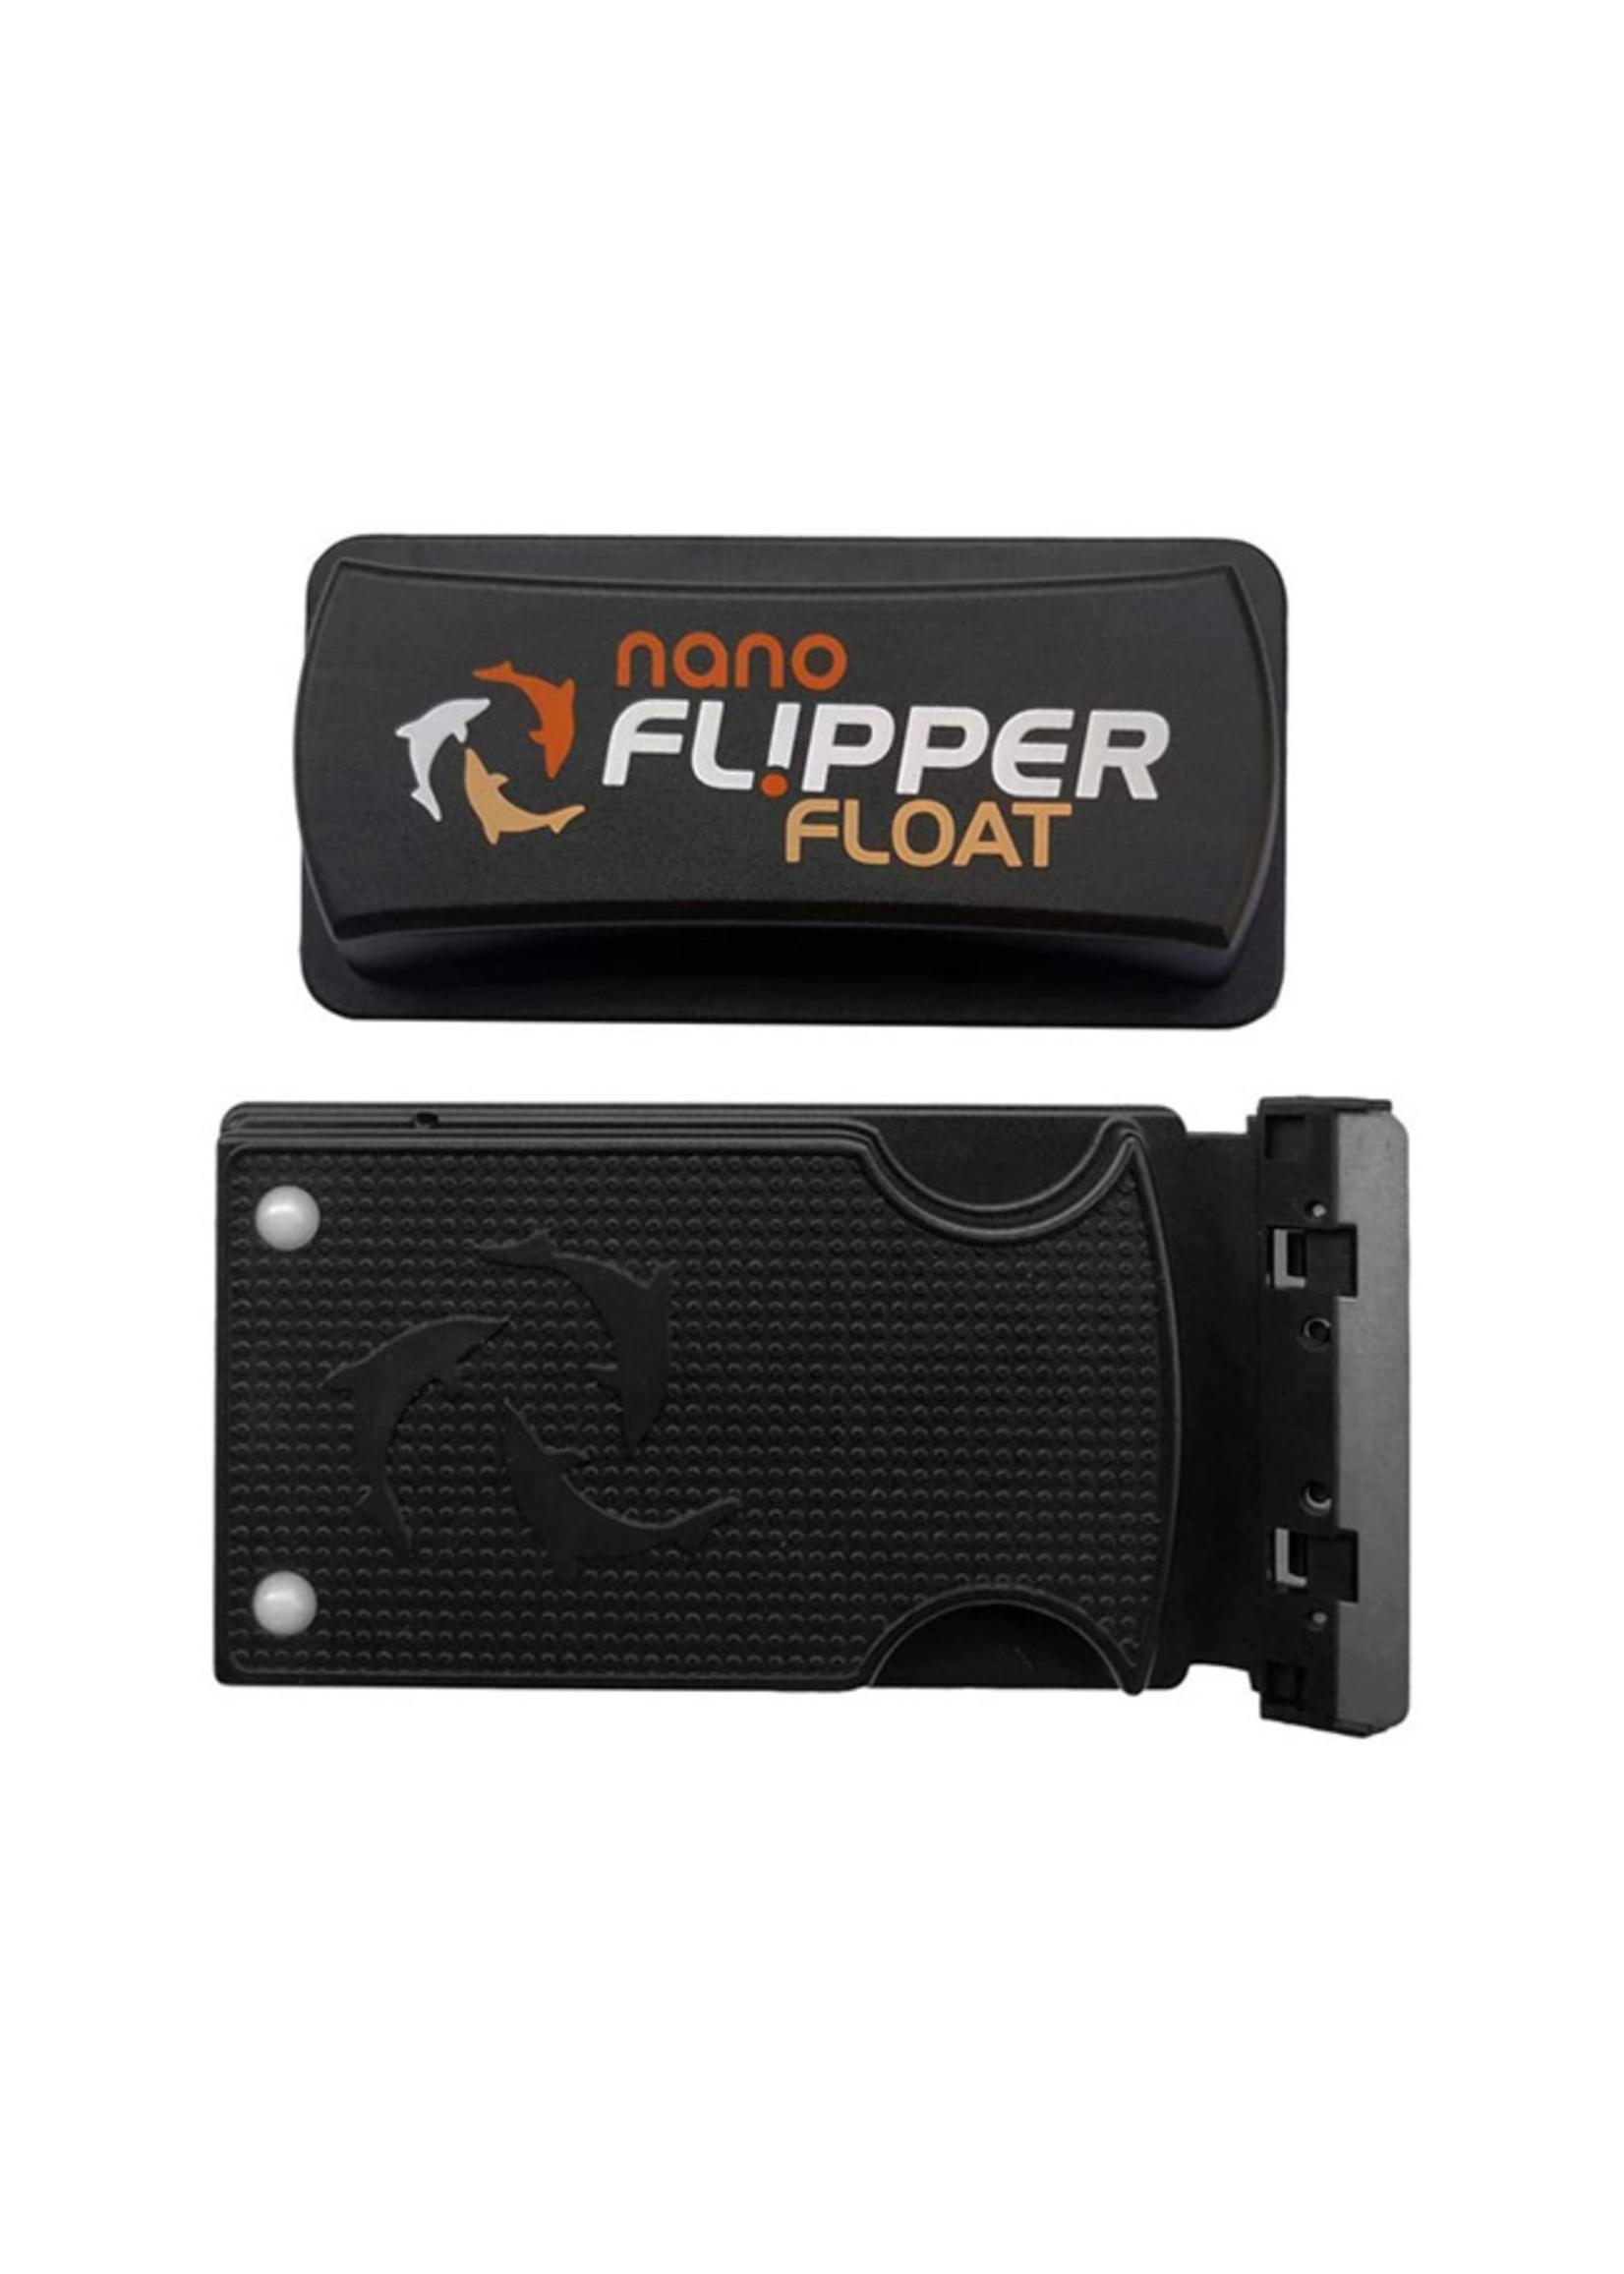 Flipper Cleaner Flipper Cleaner Float Nano